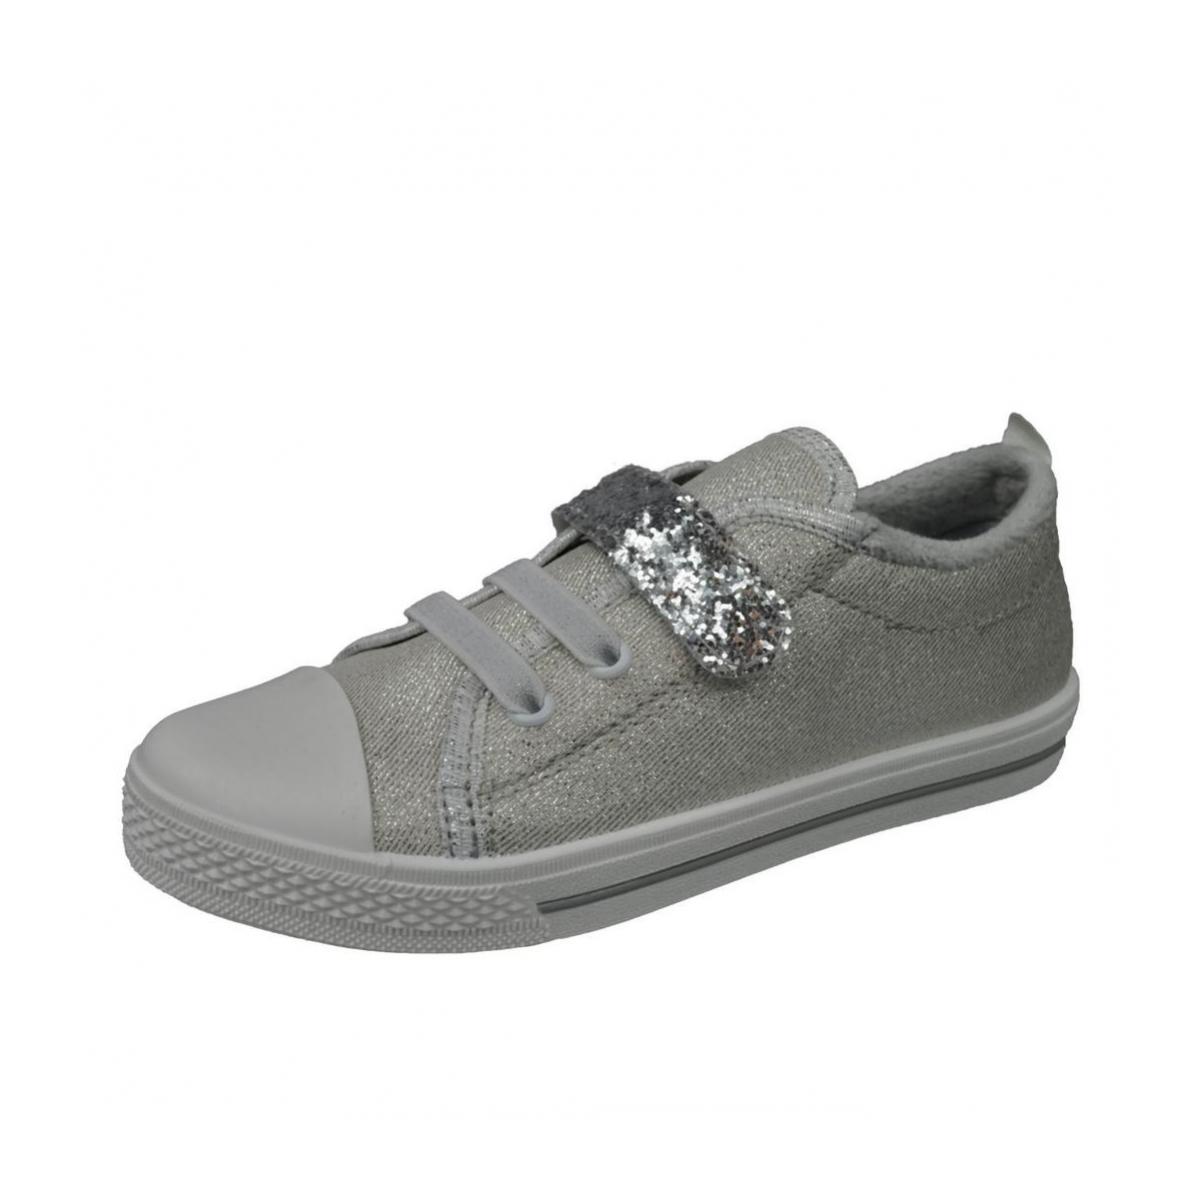 dc1ba1f481 Detské strieborné topánky PROM - 2